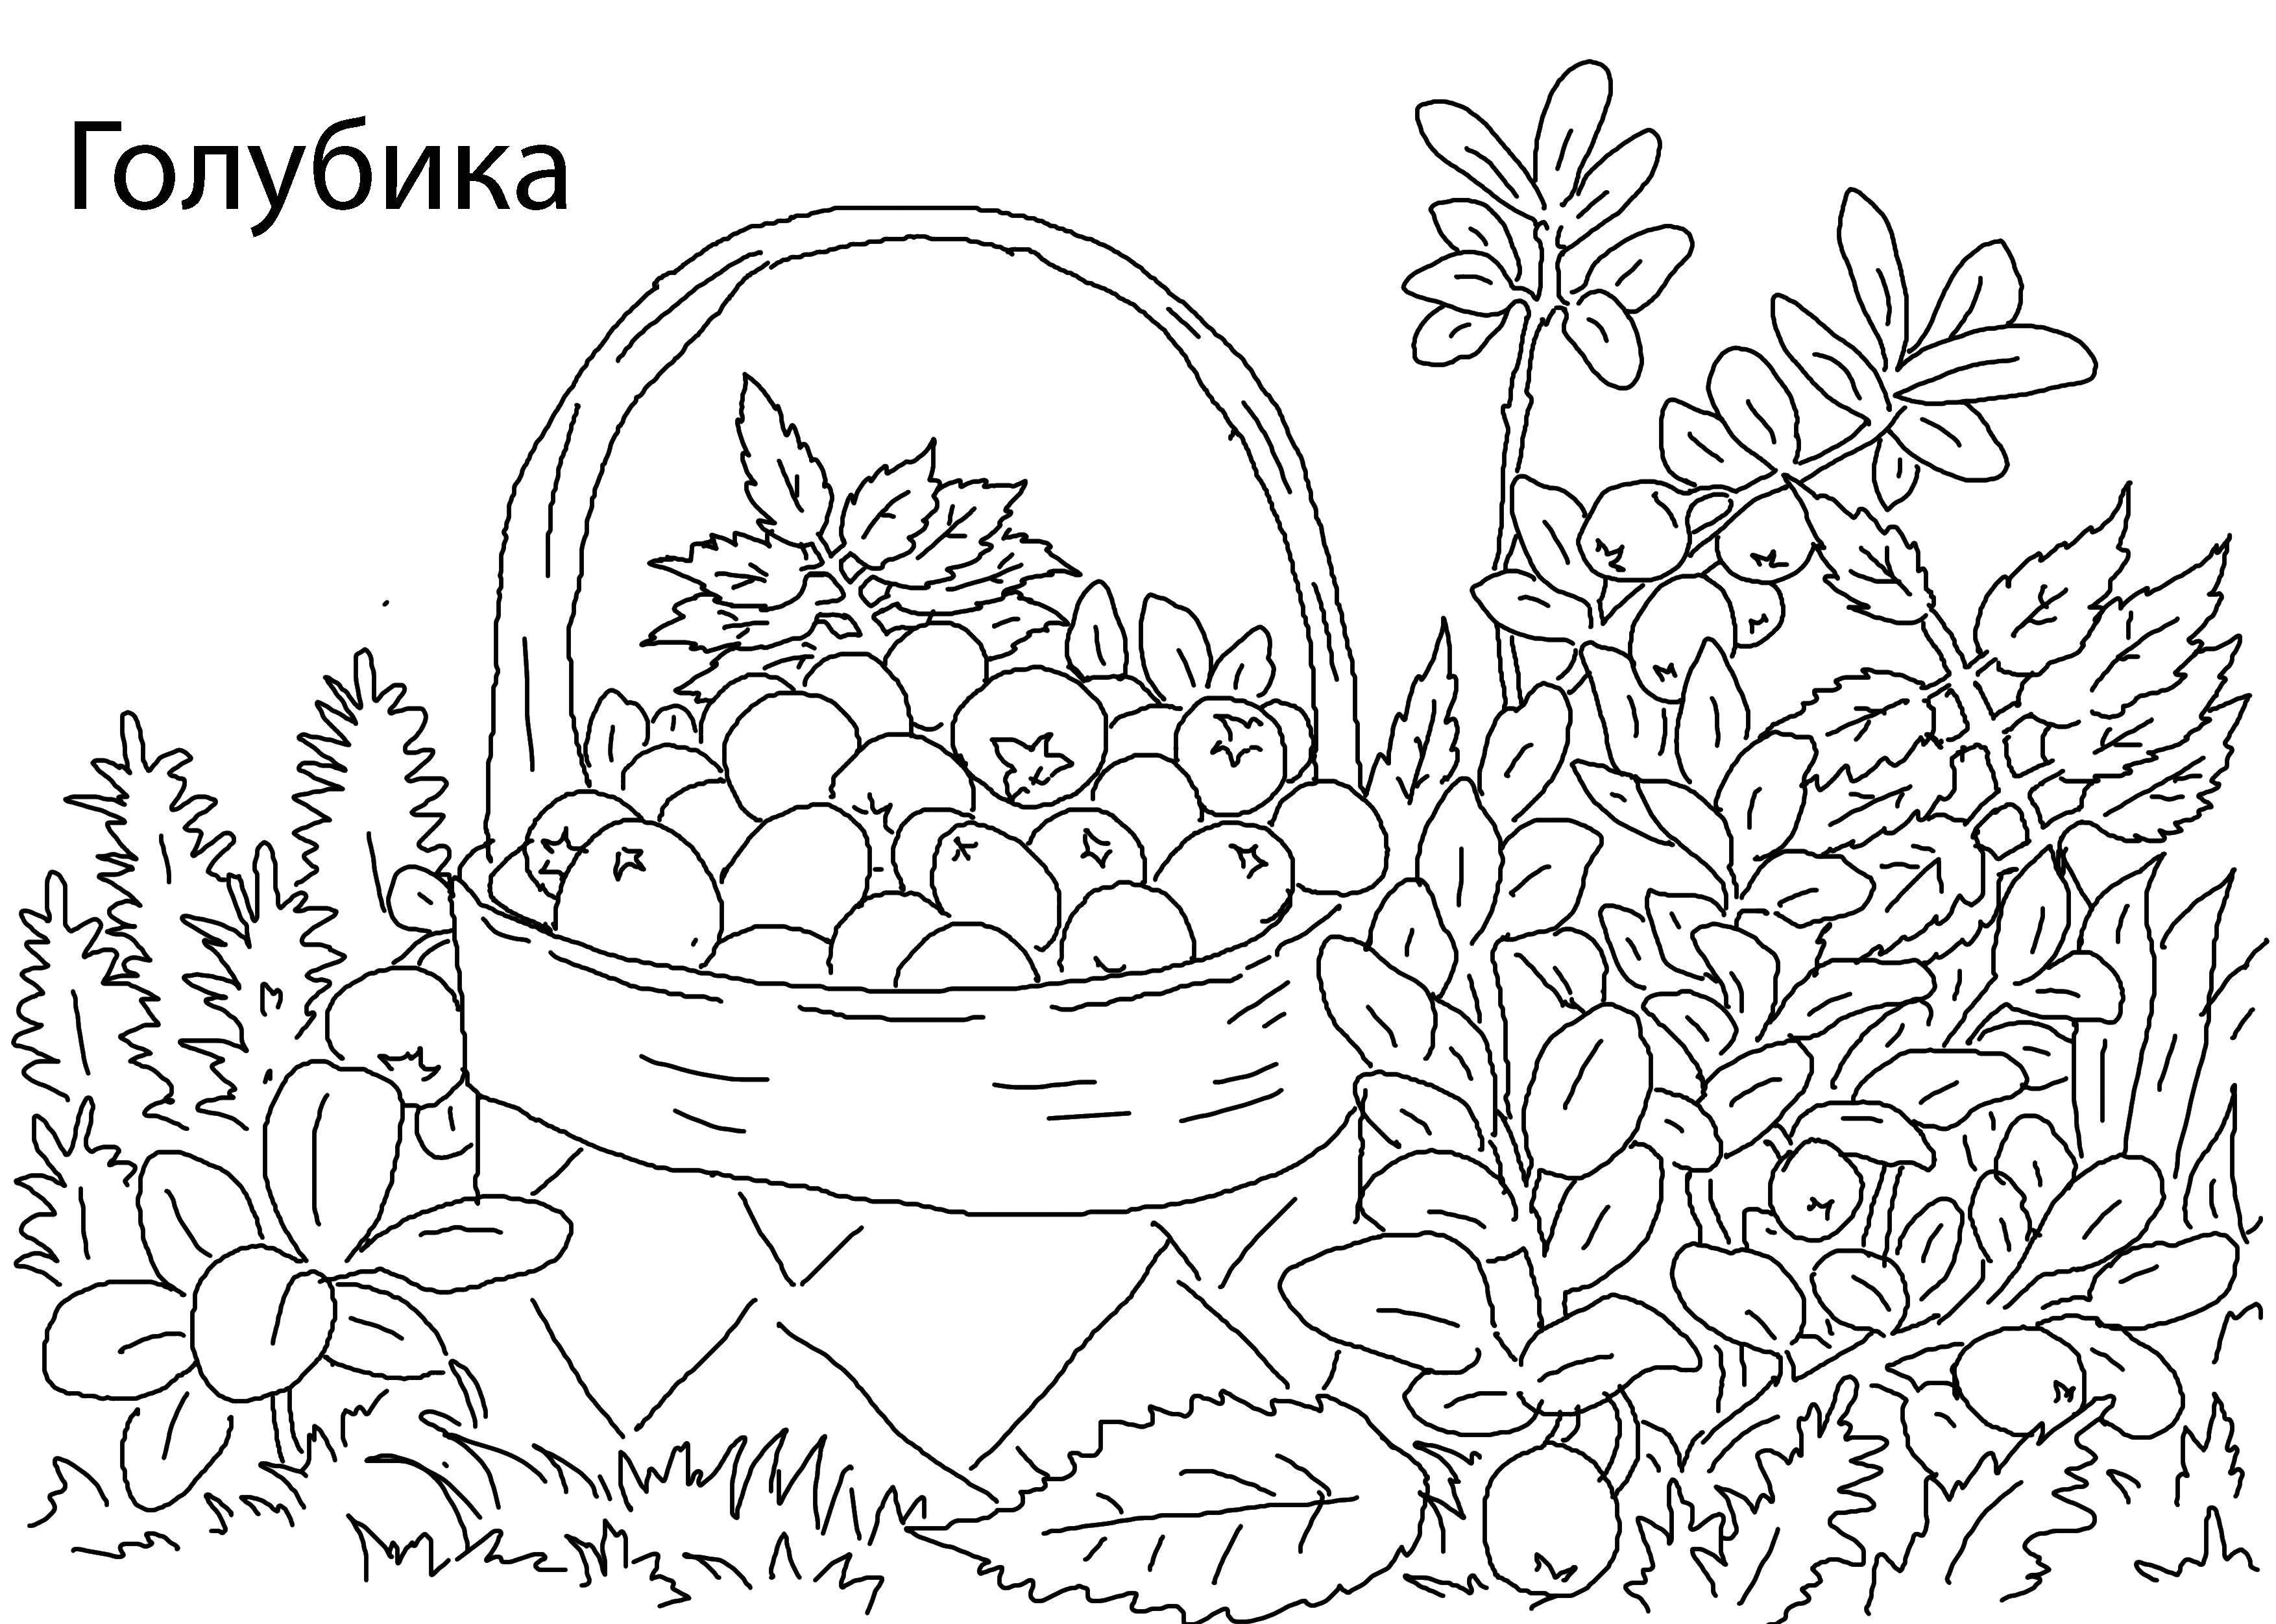 раскраска на тему лес грибы ягоды состав